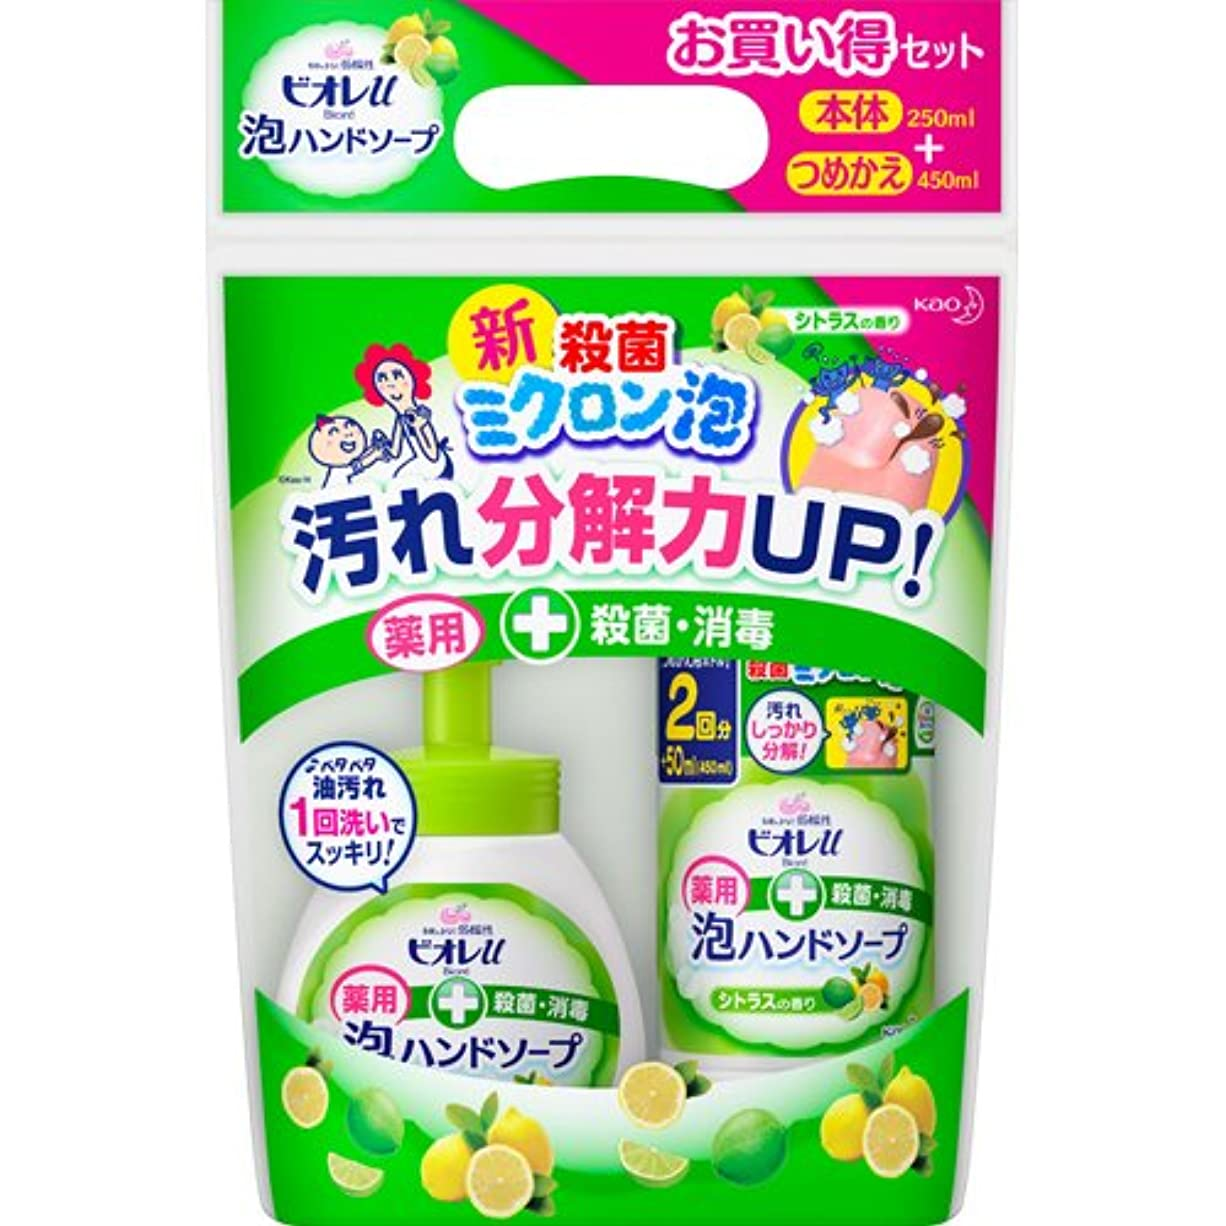 【数量限定】ビオレu 薬用泡ハンドソープ シトラスの香り 本体250ml+つめかえ用450ml